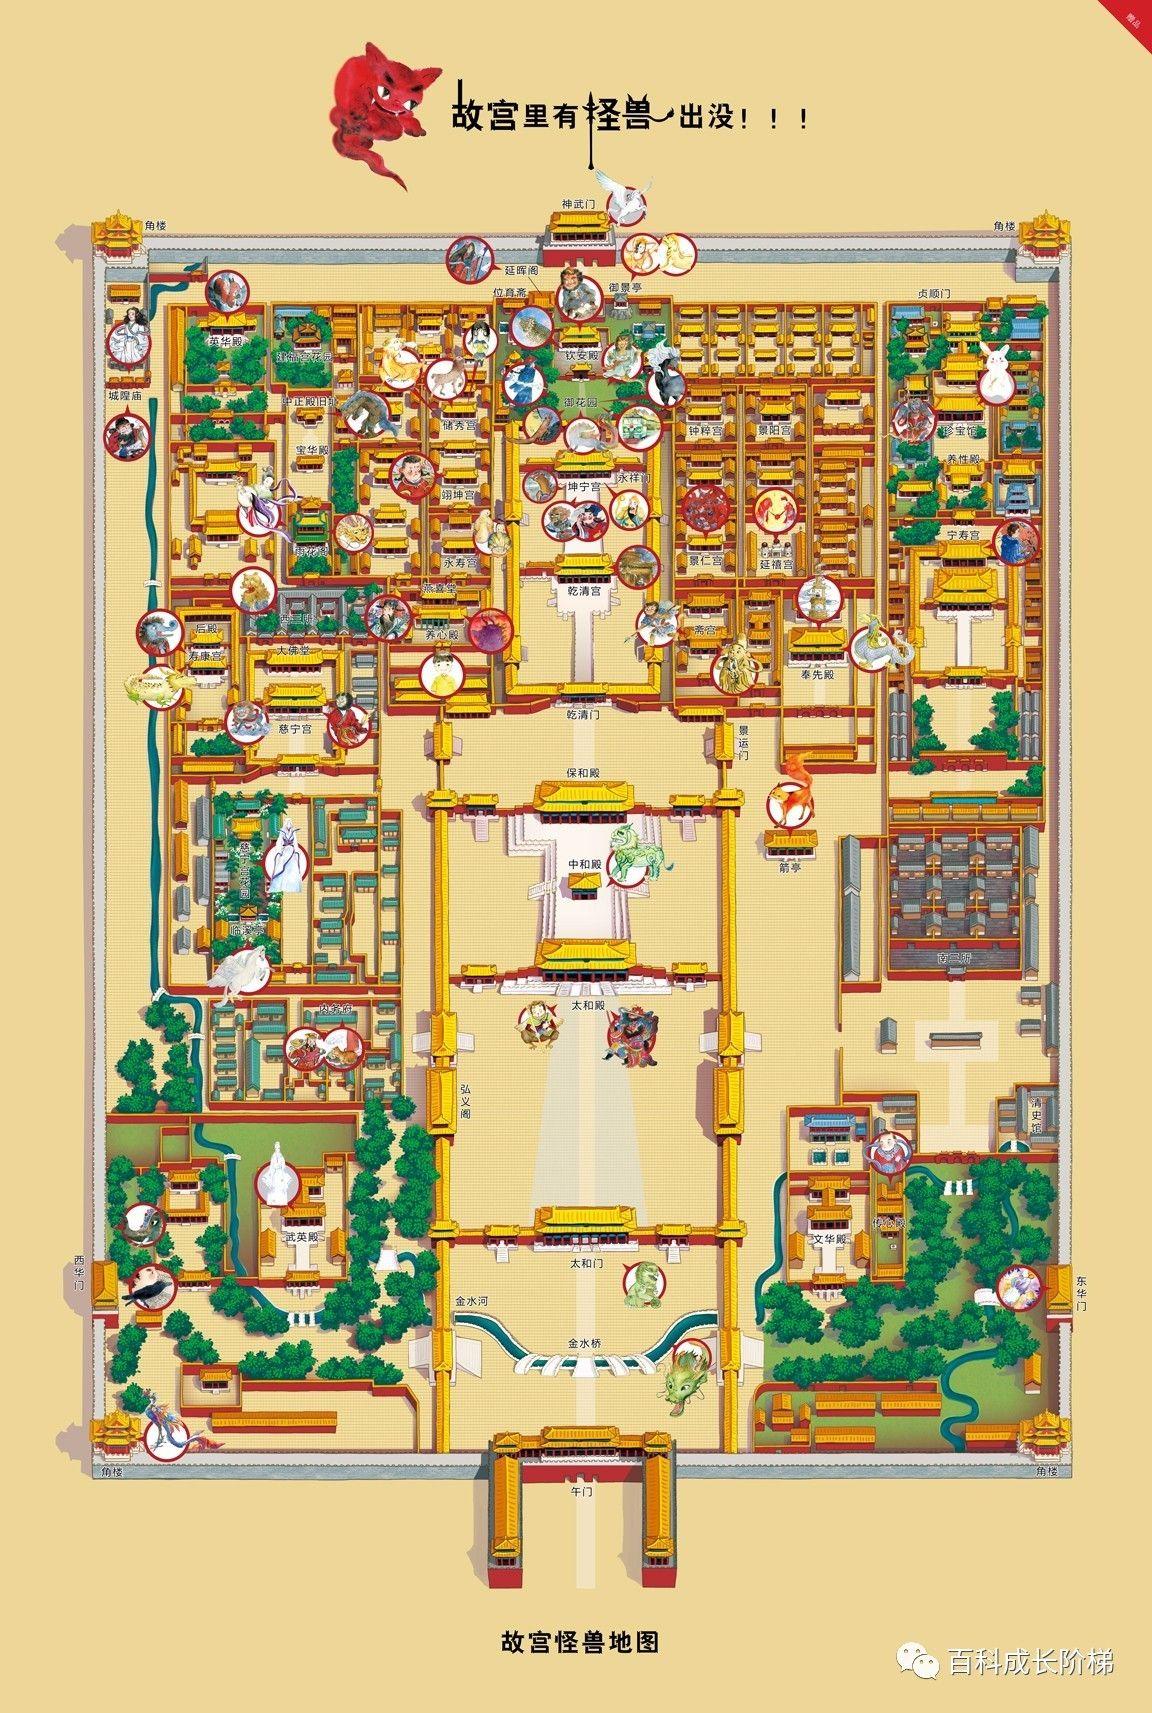 故宫平面图手绘简示图